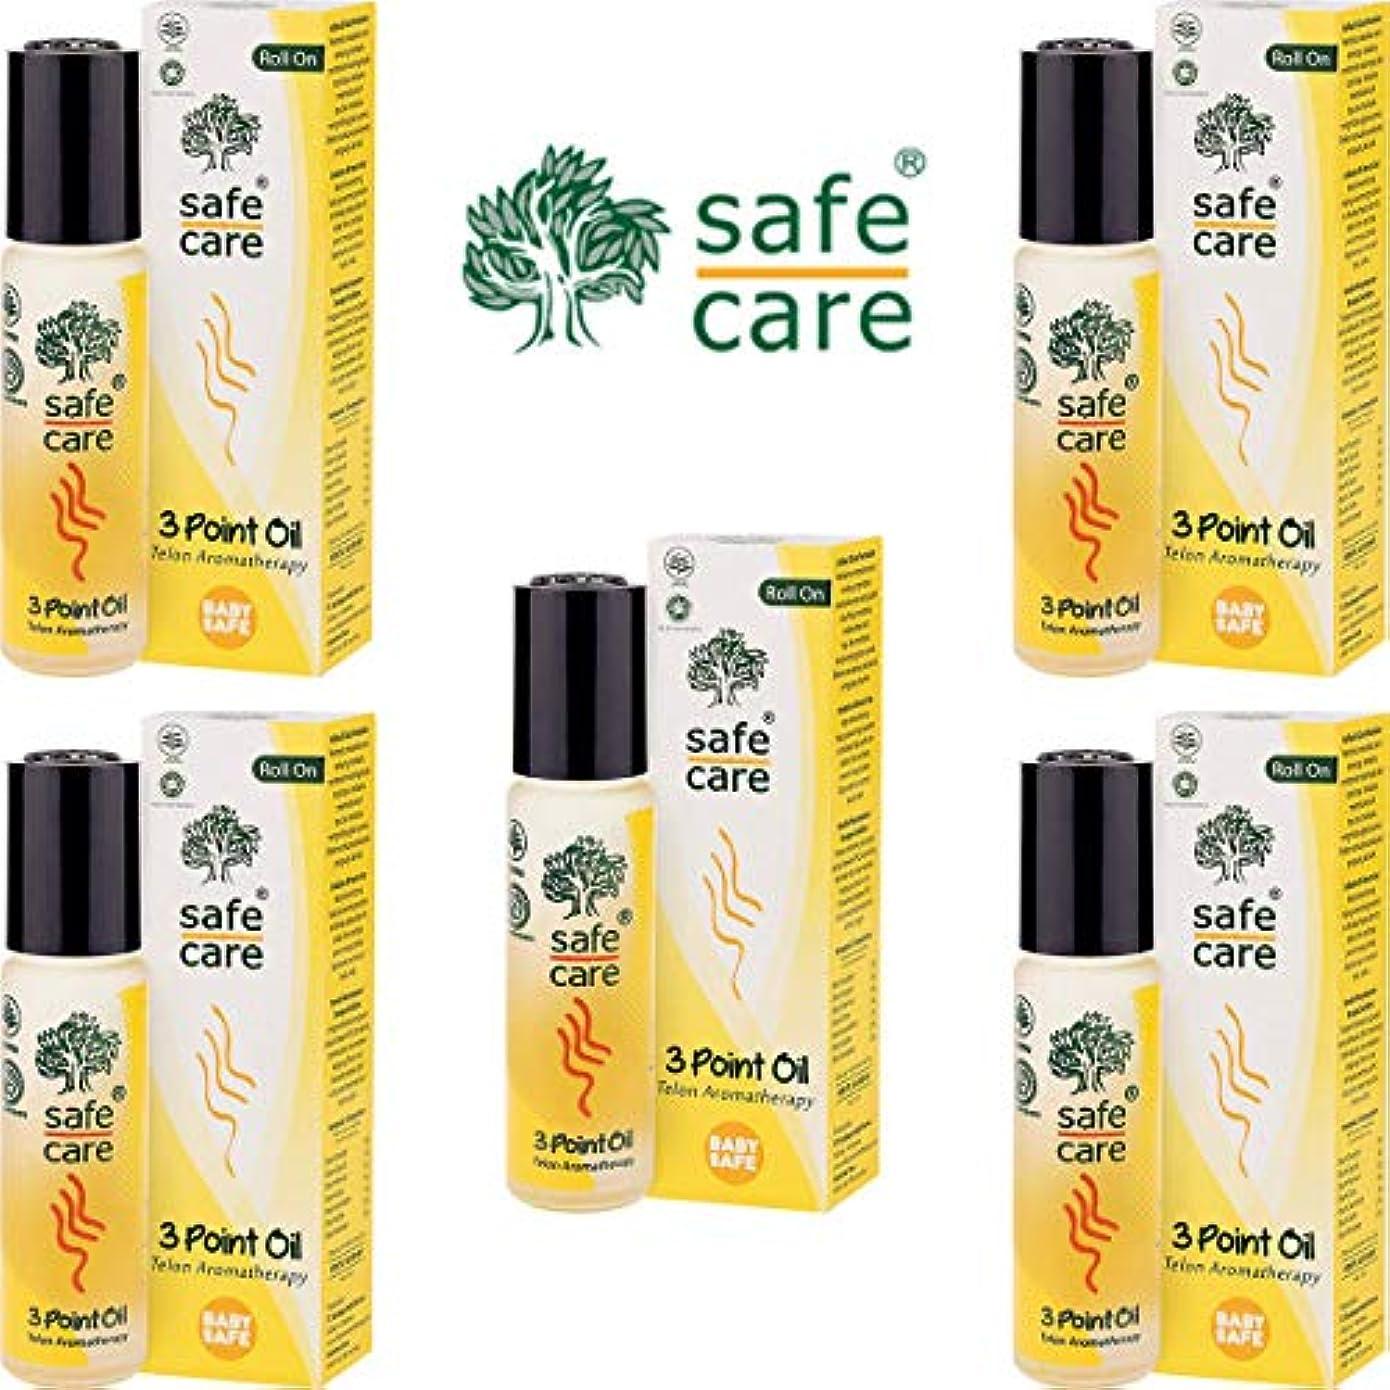 レンドバックホバーSafe Care セーフケア Aromatherapy Telon 3Point Oil アロマテラピー リフレッシュオイル テロン3ポイントオイル ロールオン 10ml×5本セット [海外直送品]